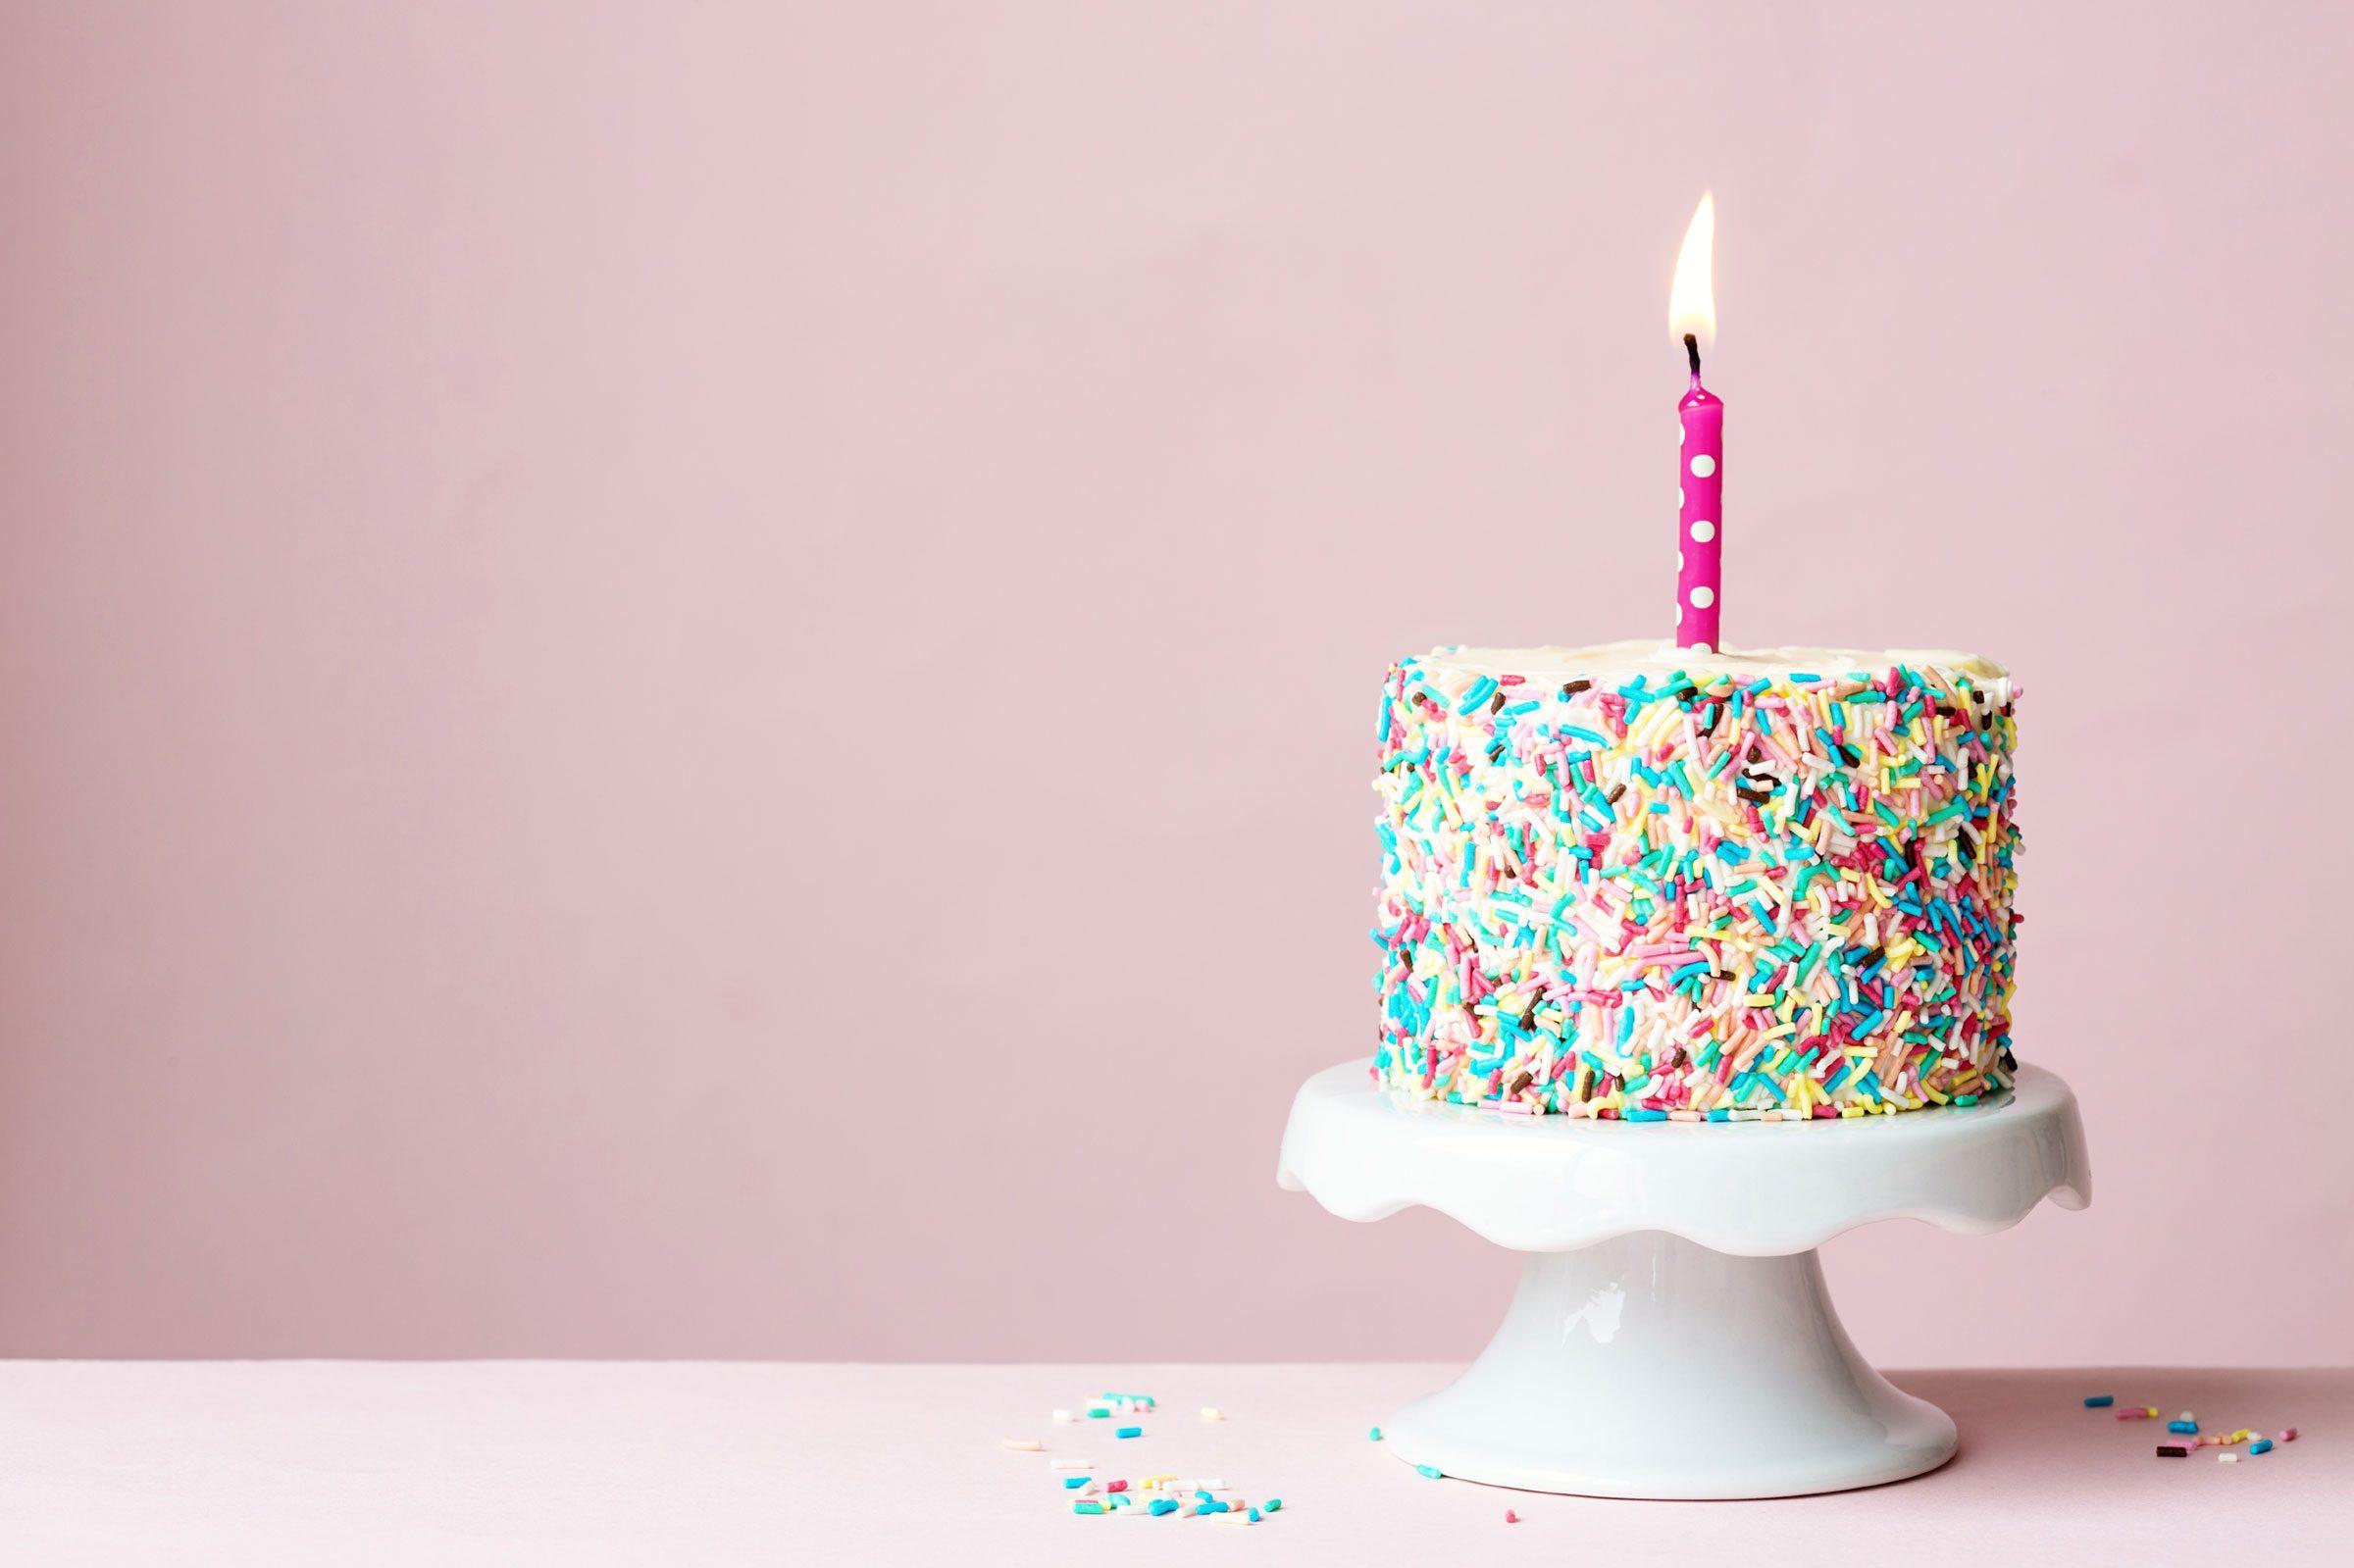 Bildergebnis für birthday to you